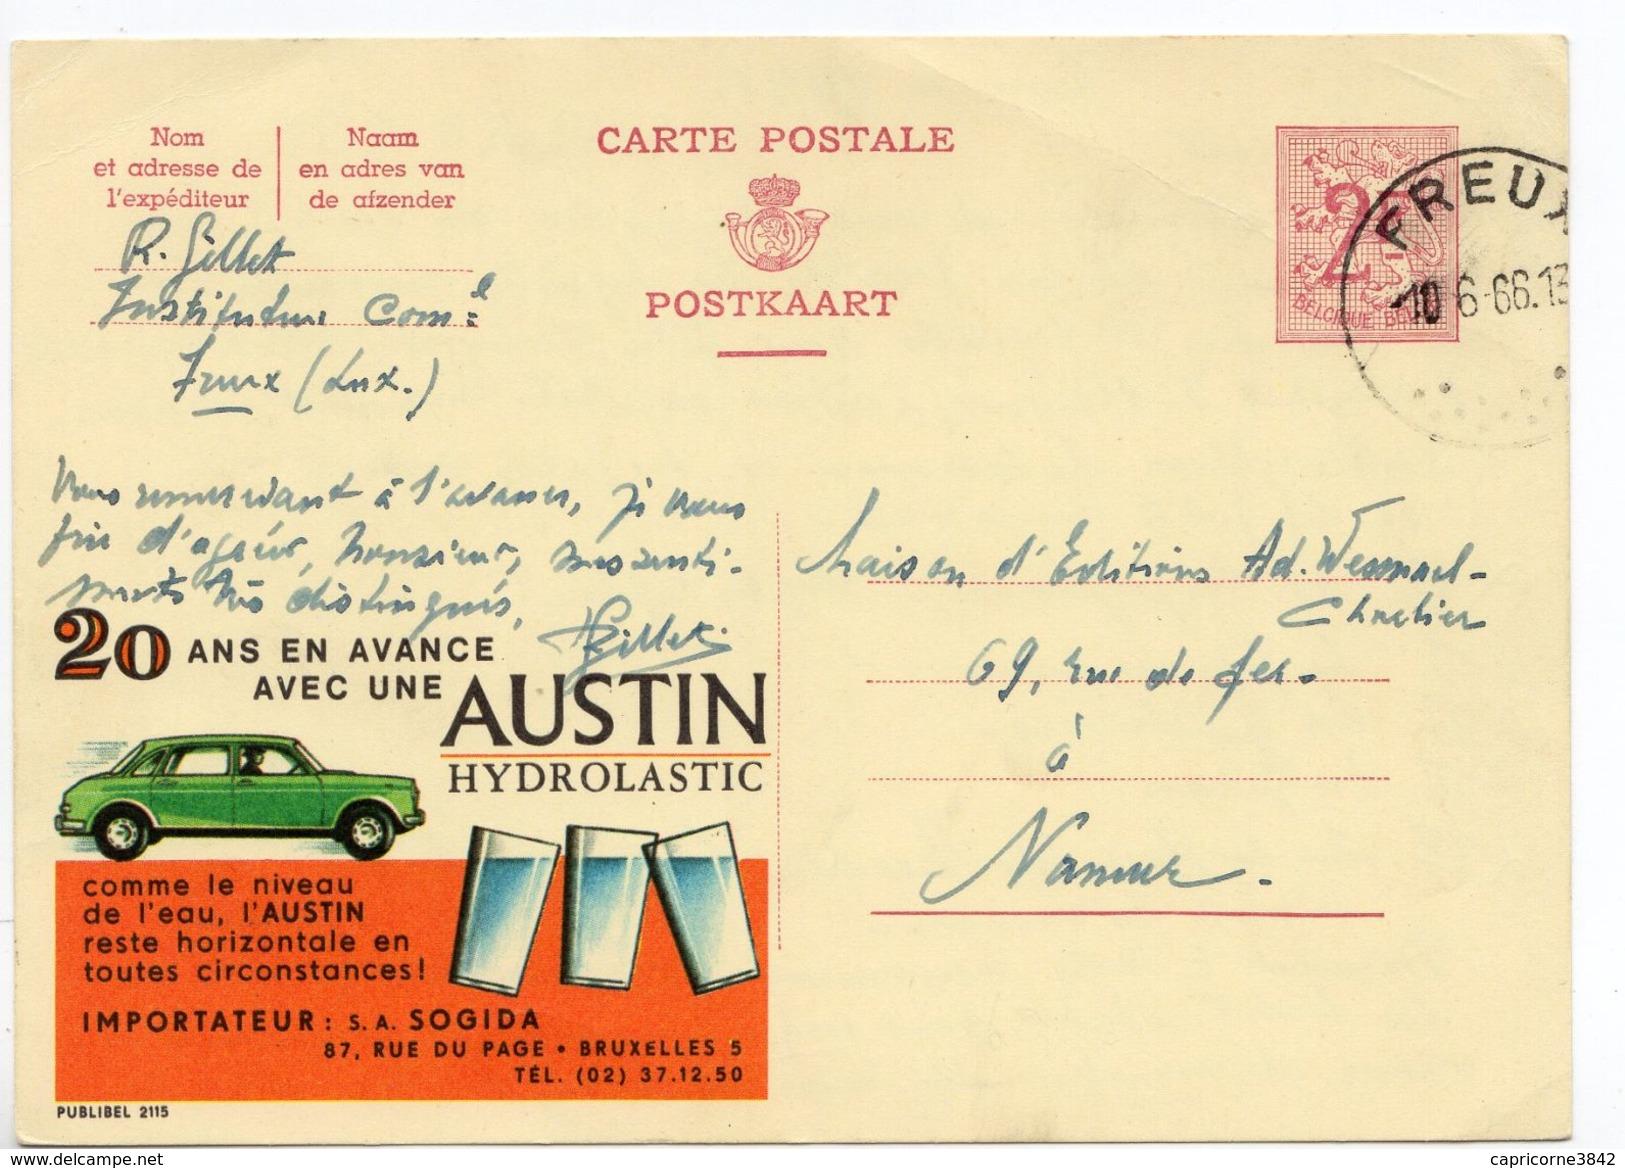 """1966 - Belgique - Publibel N° 2115 - Carton Jaune -  """"20 ANS EN AVANCE VEC UNE AUSTIN HYDRAULASTIC"""" - Enteros Postales"""